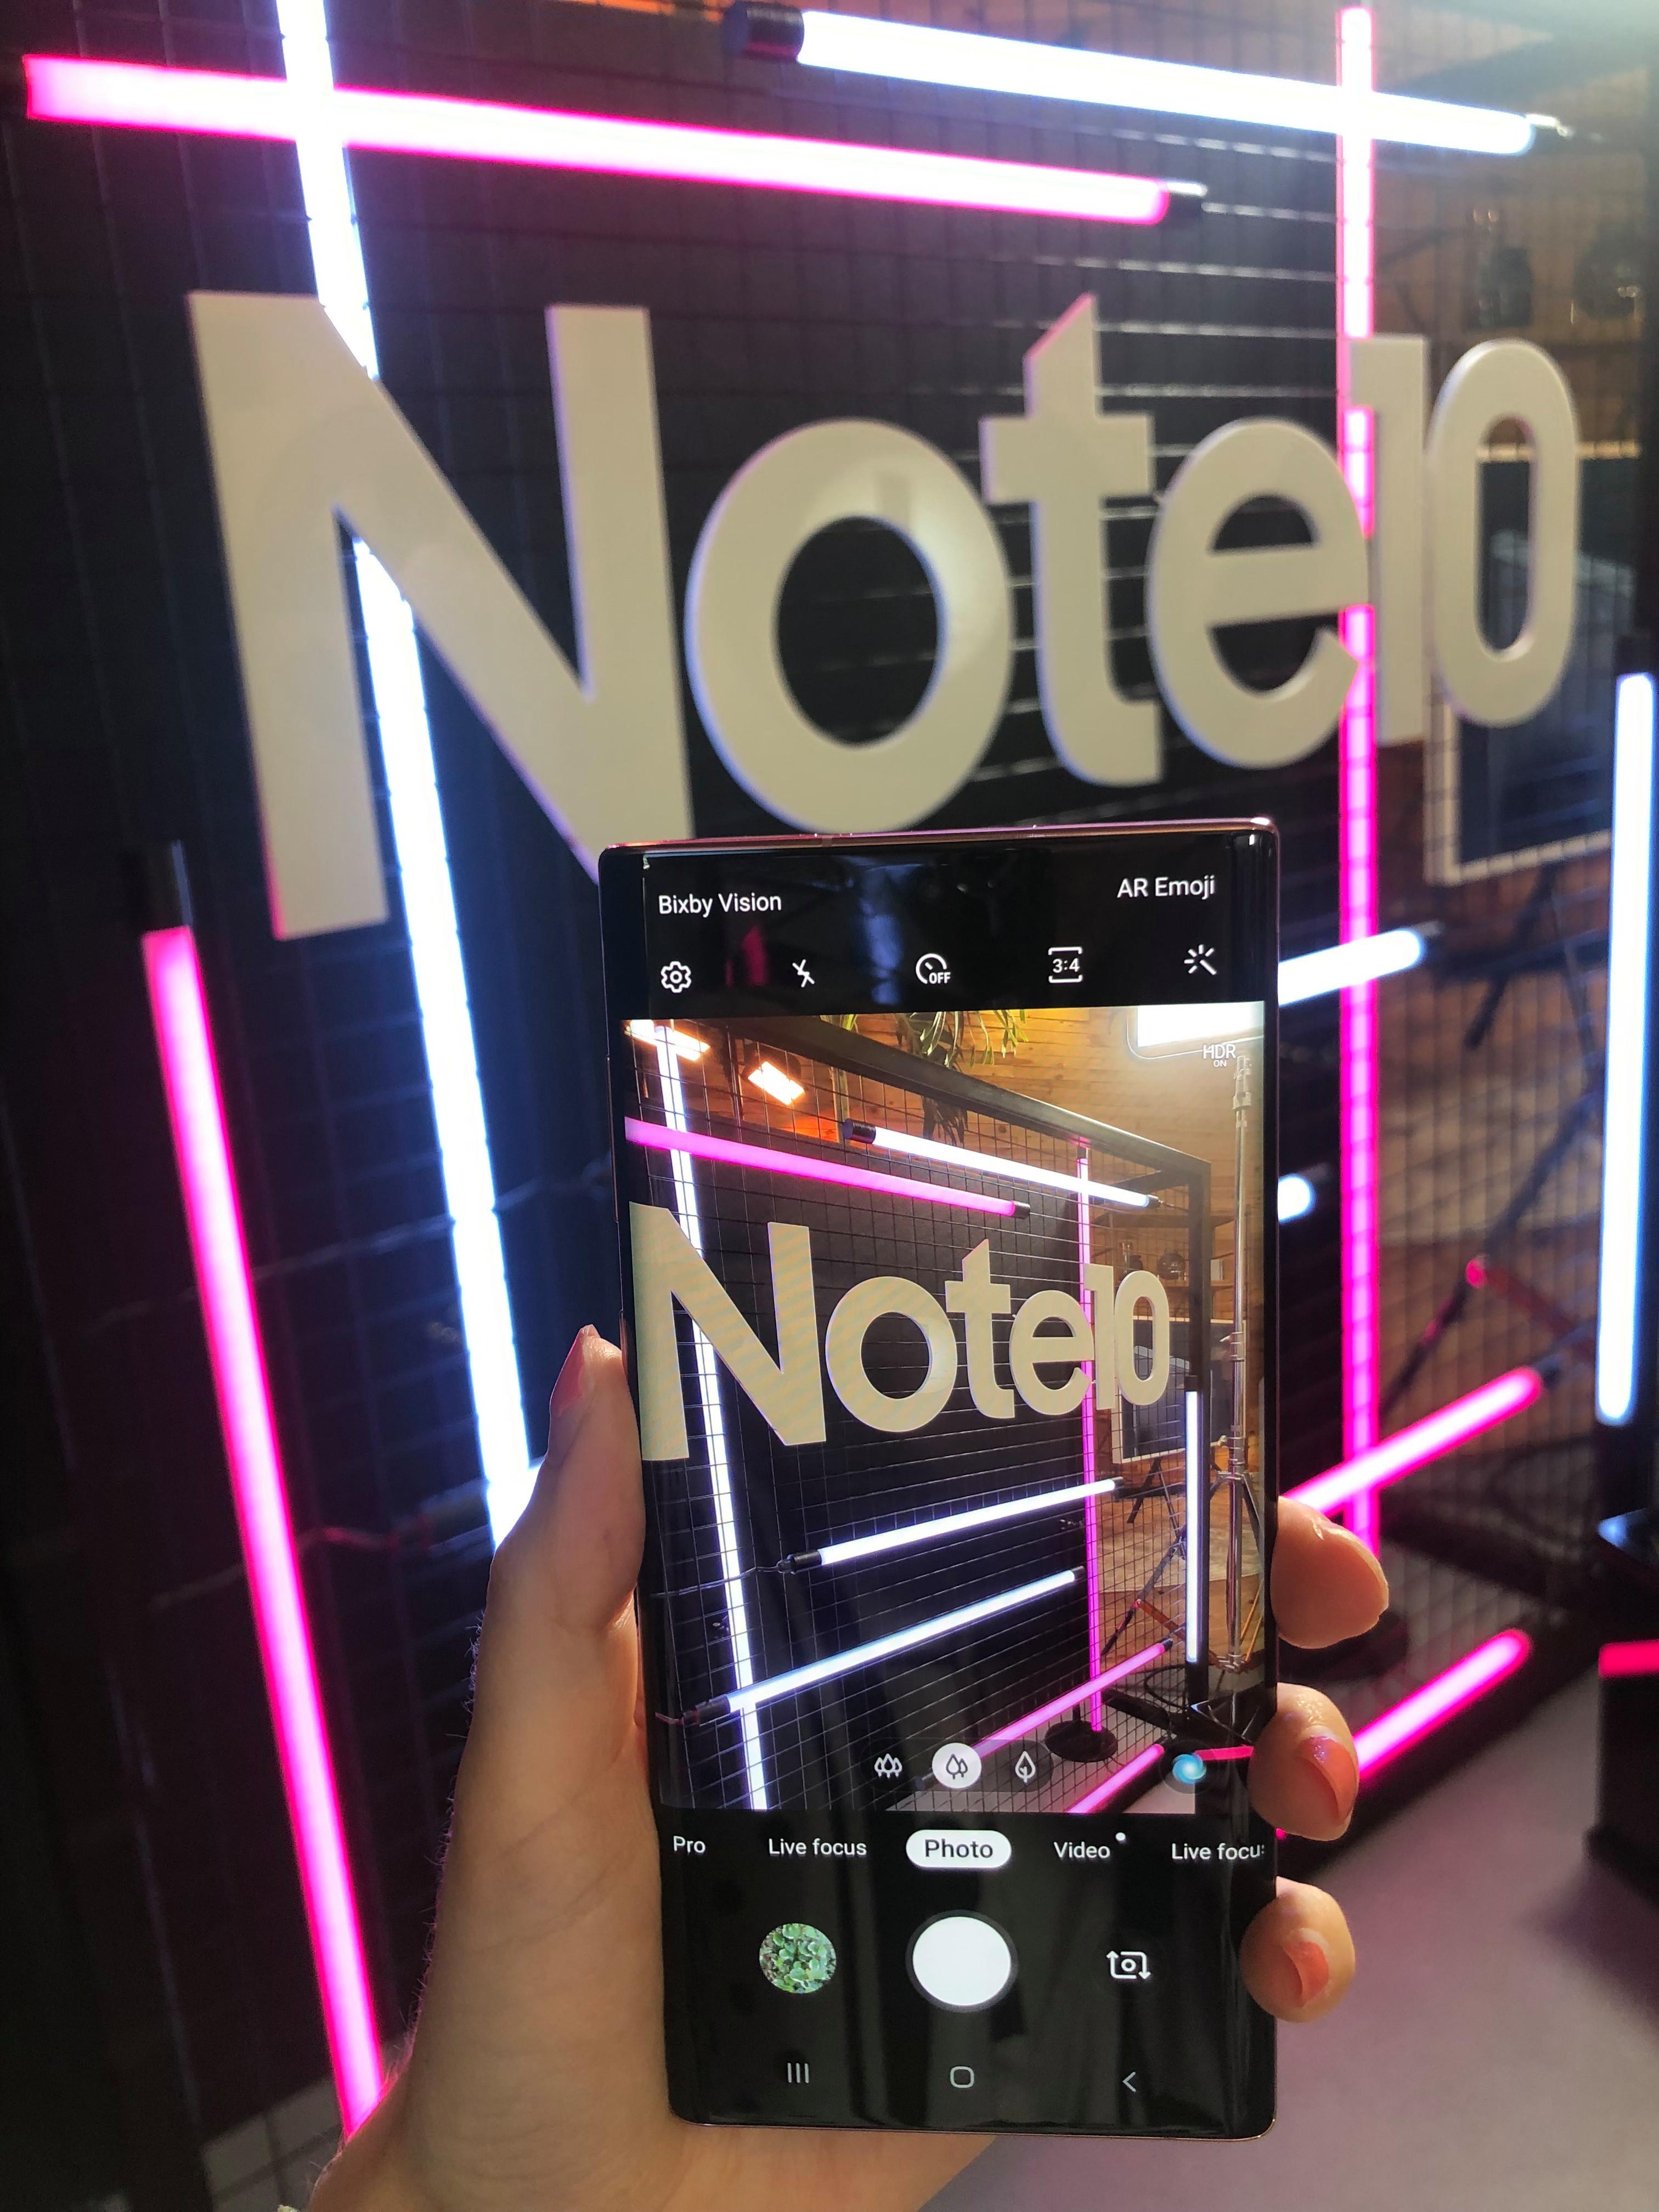 كل من Note 10 هواتف لديها كاميرات عالية الجودة